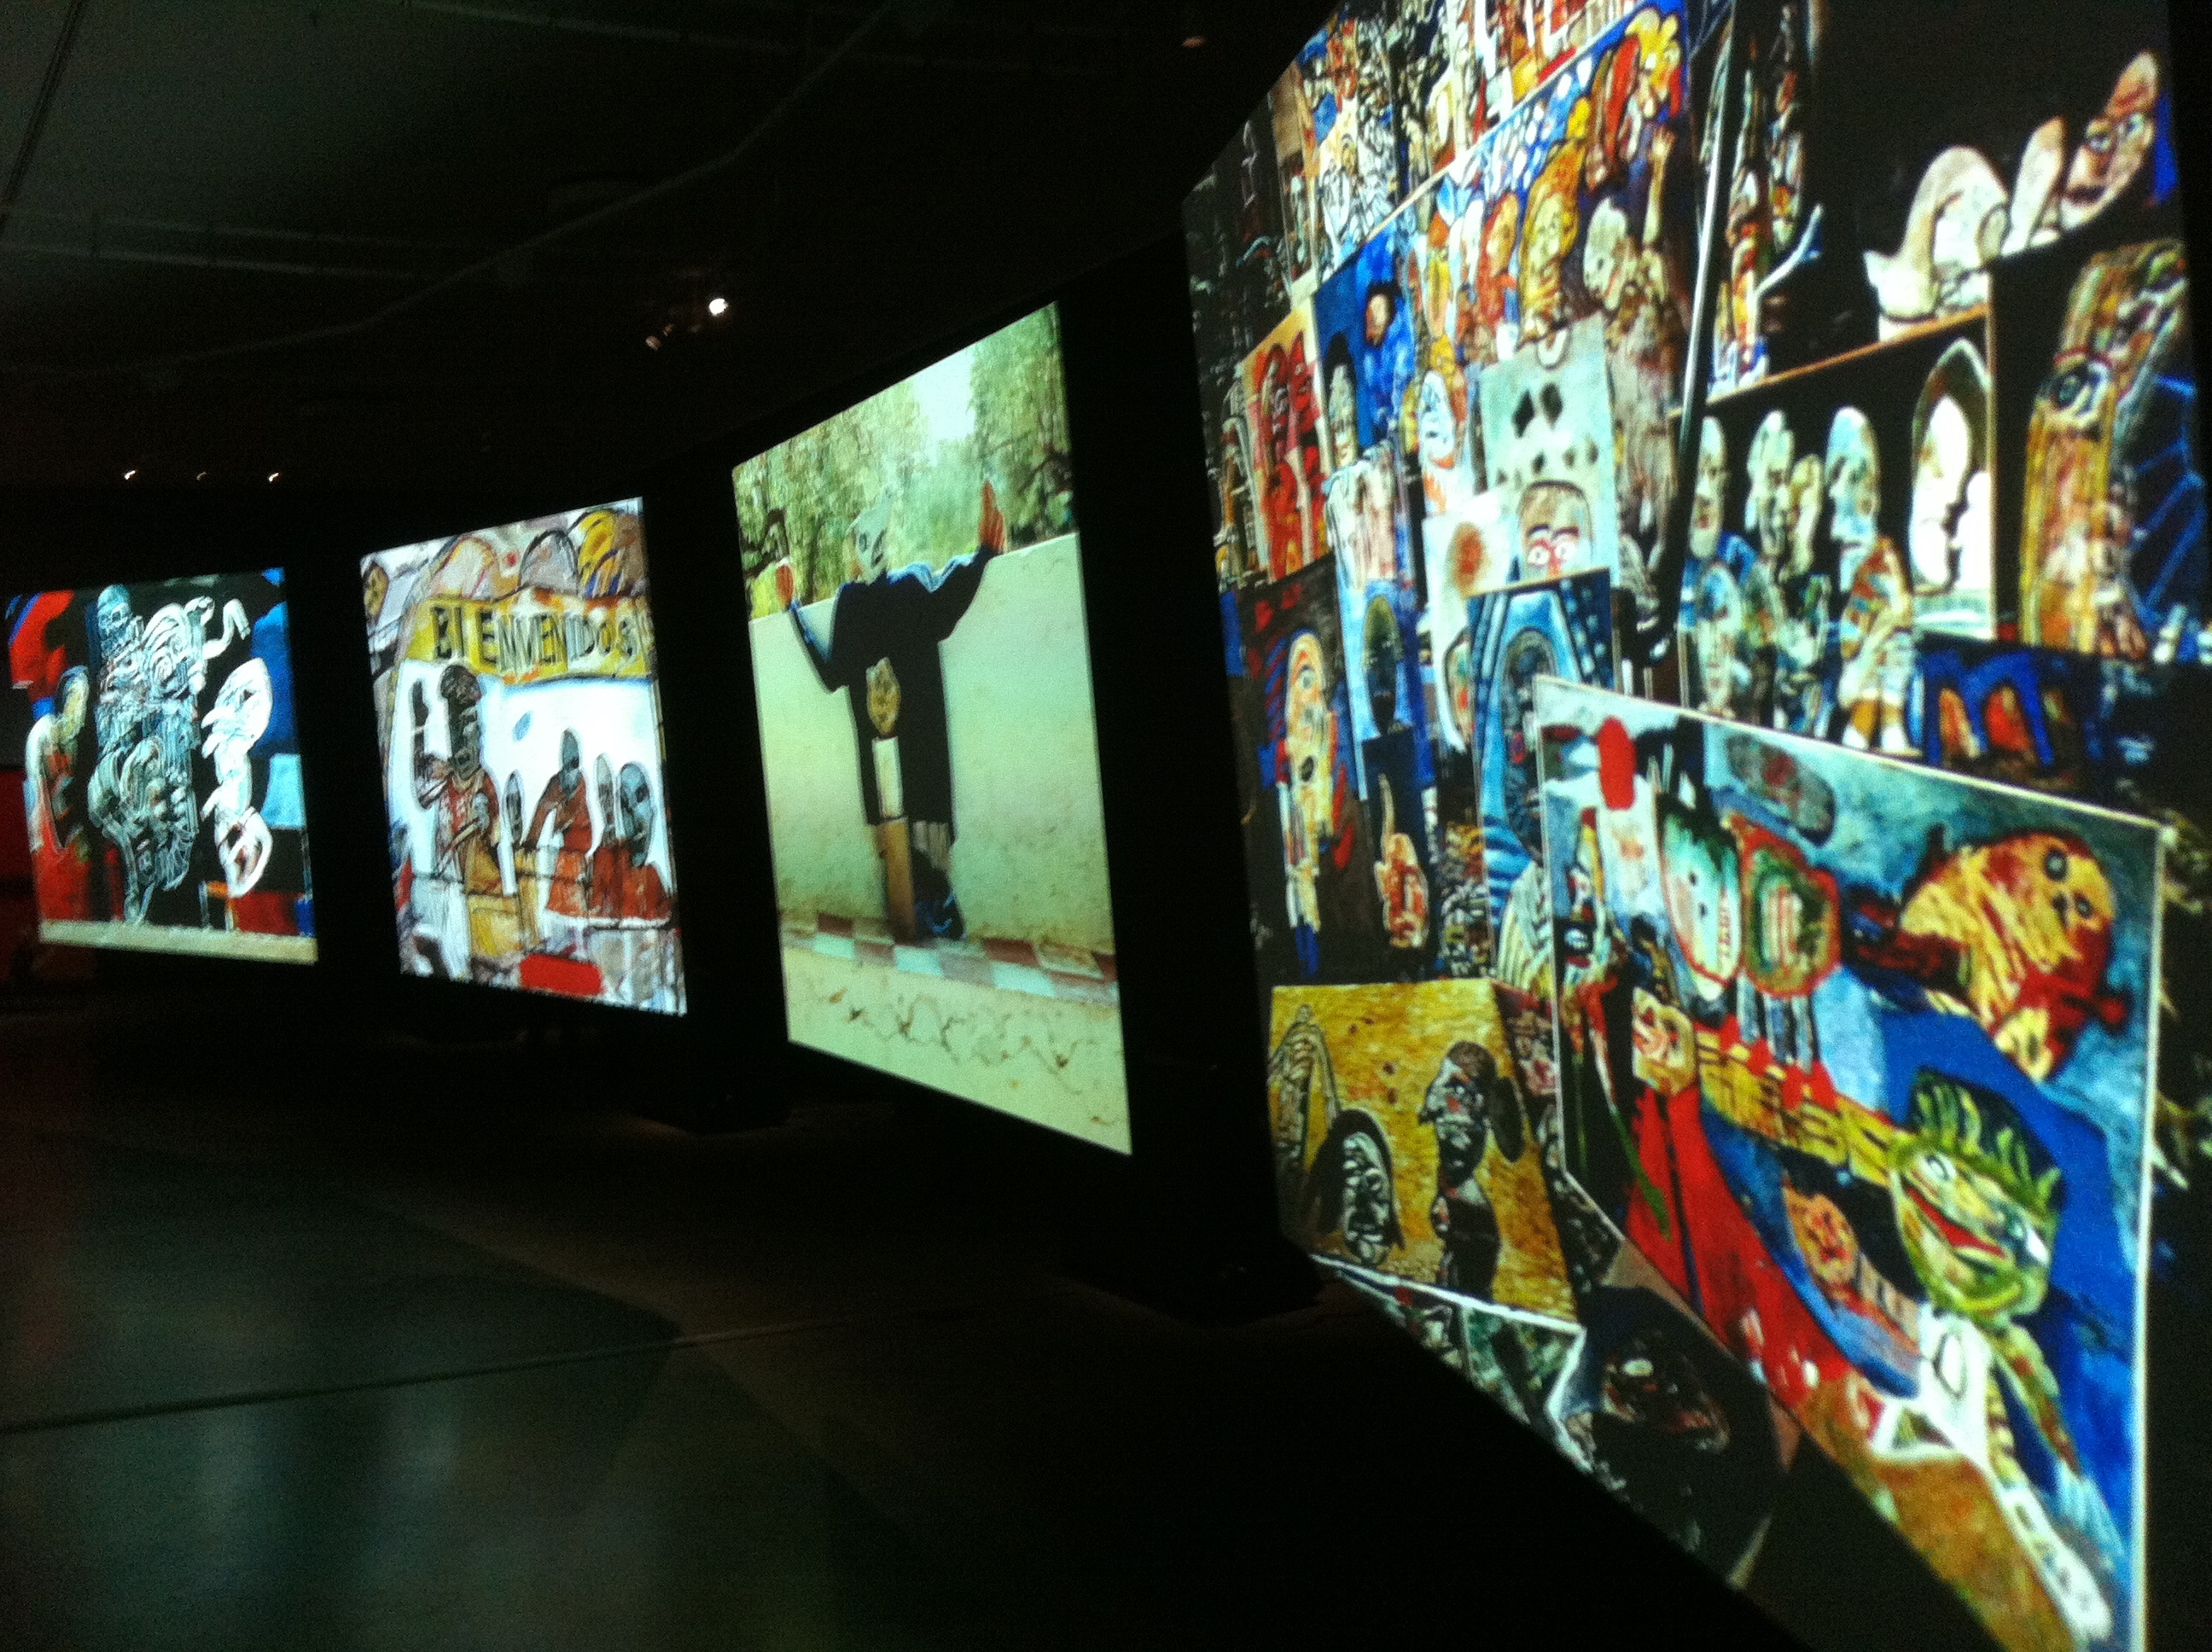 Filmmuseum eye: johan van der keuken